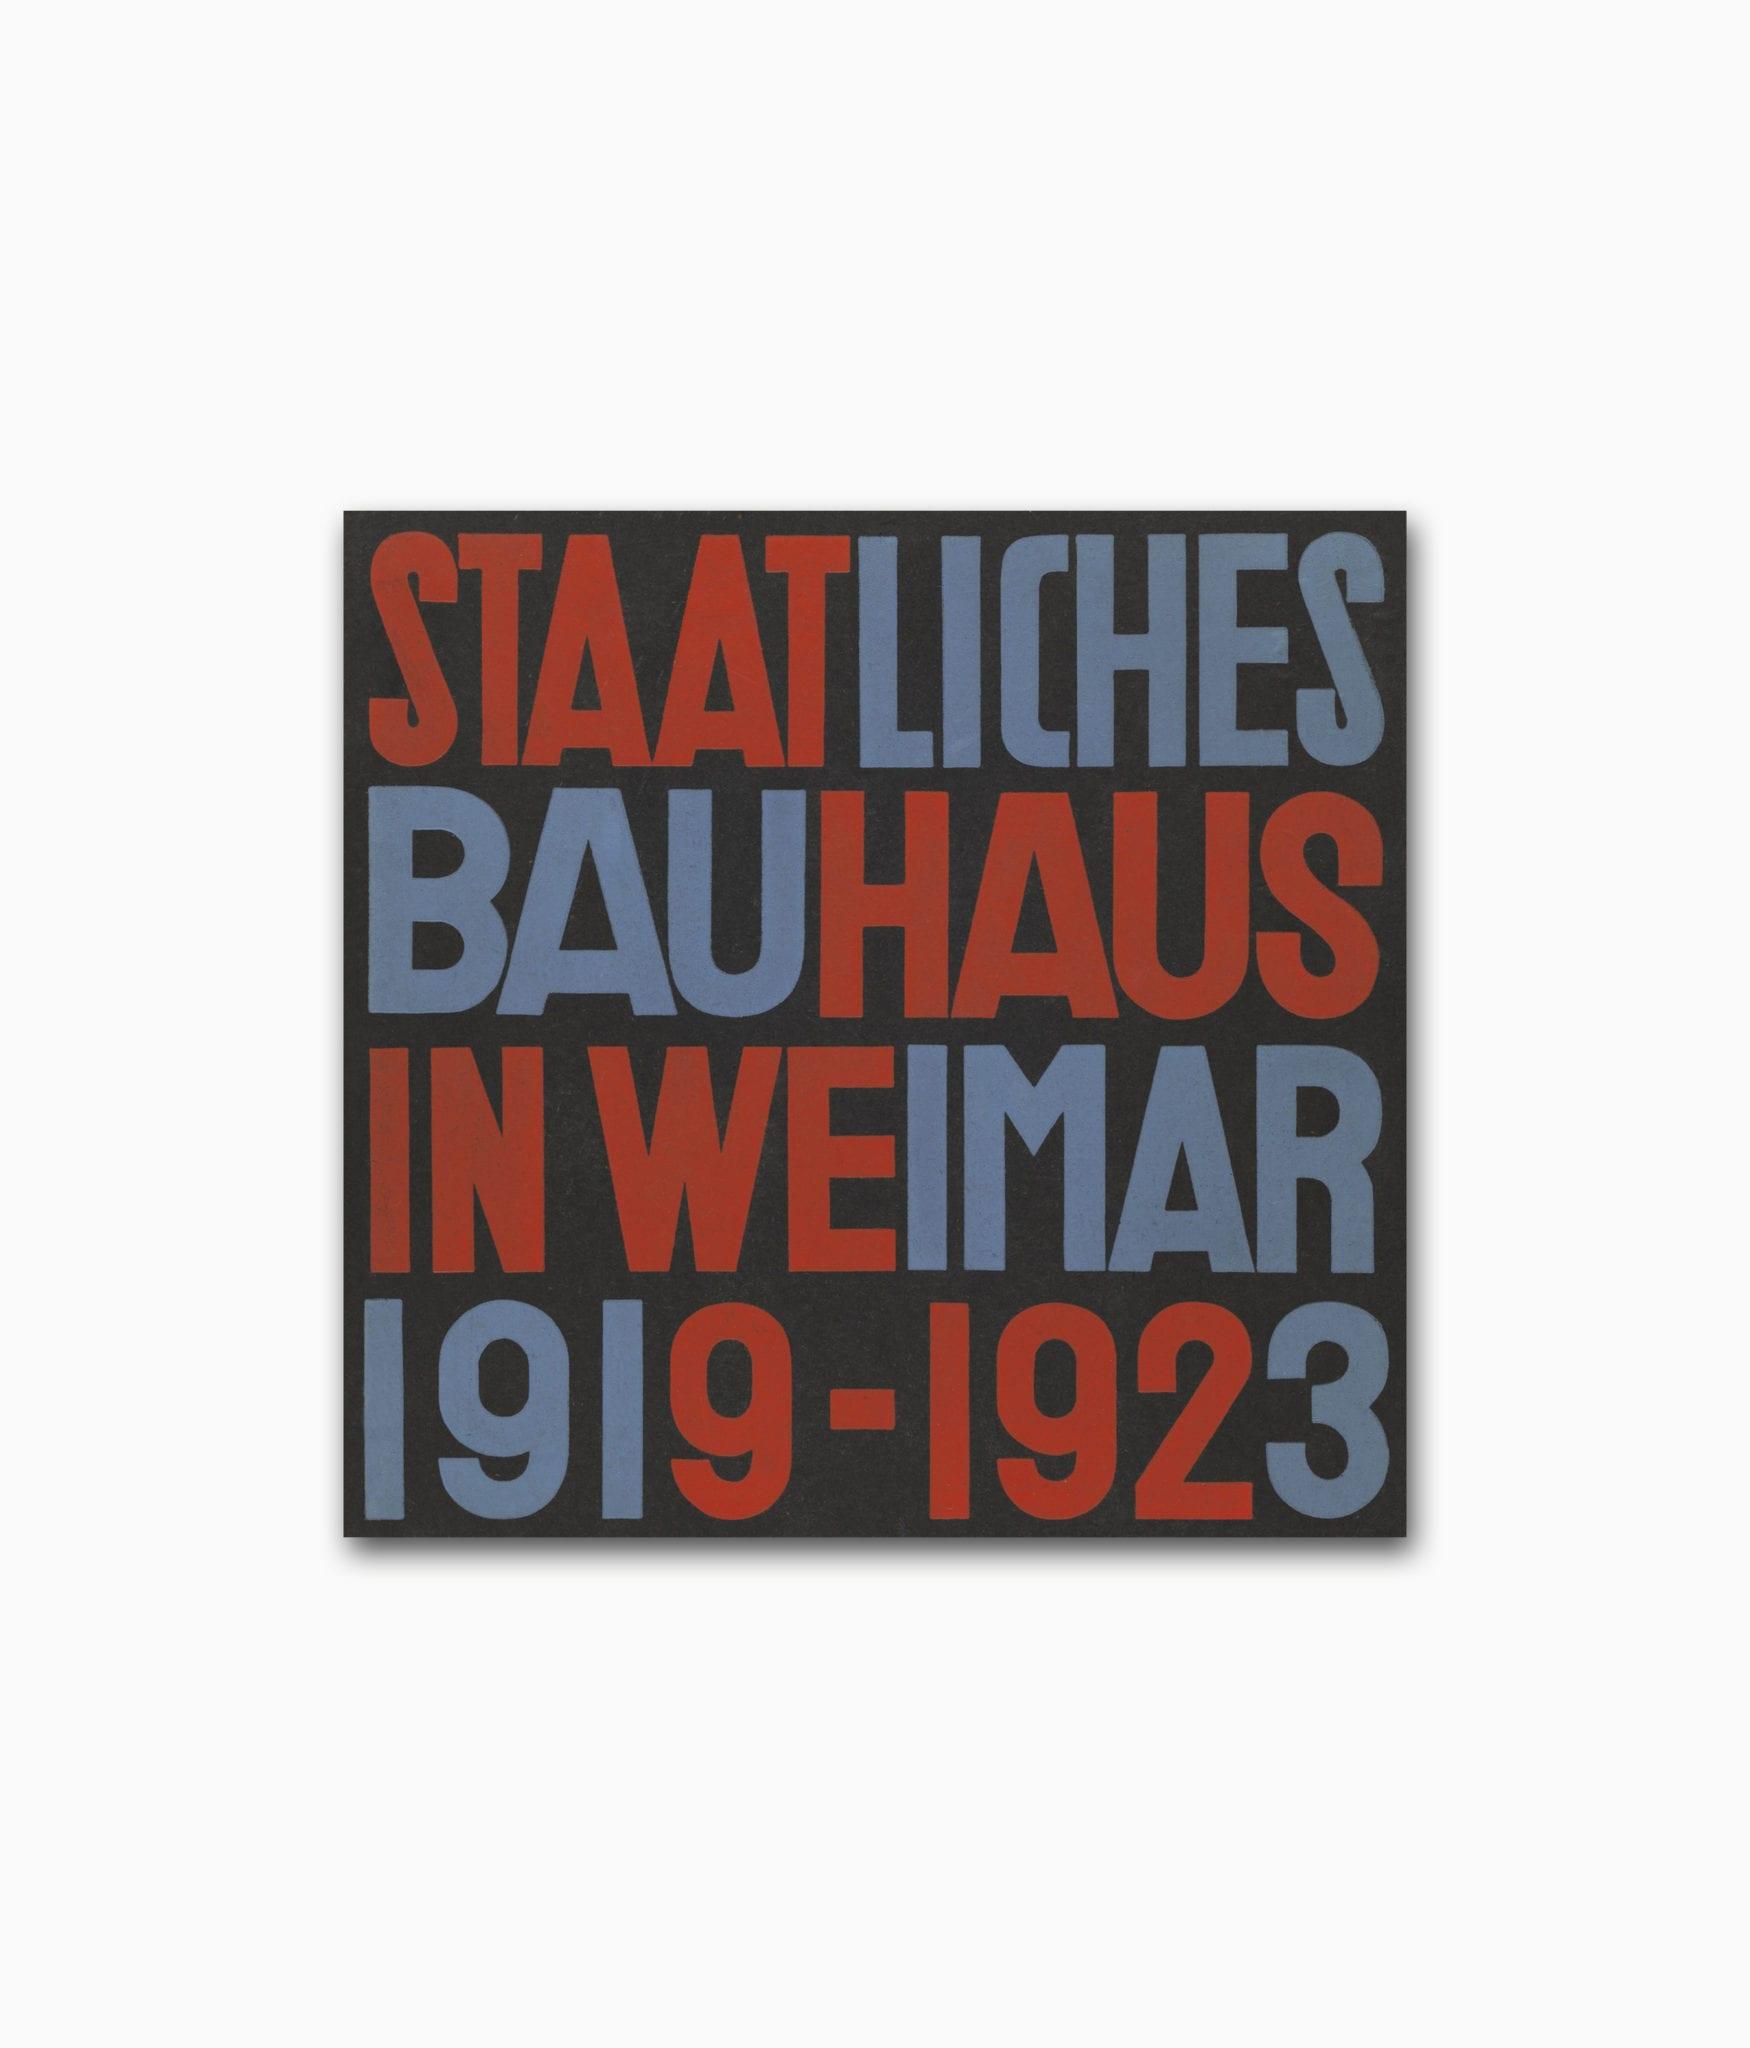 Buchcover des Bildbandes namens Staatliches Bauhaus in Weimar 1919-1923 von Lars Müller Publishers